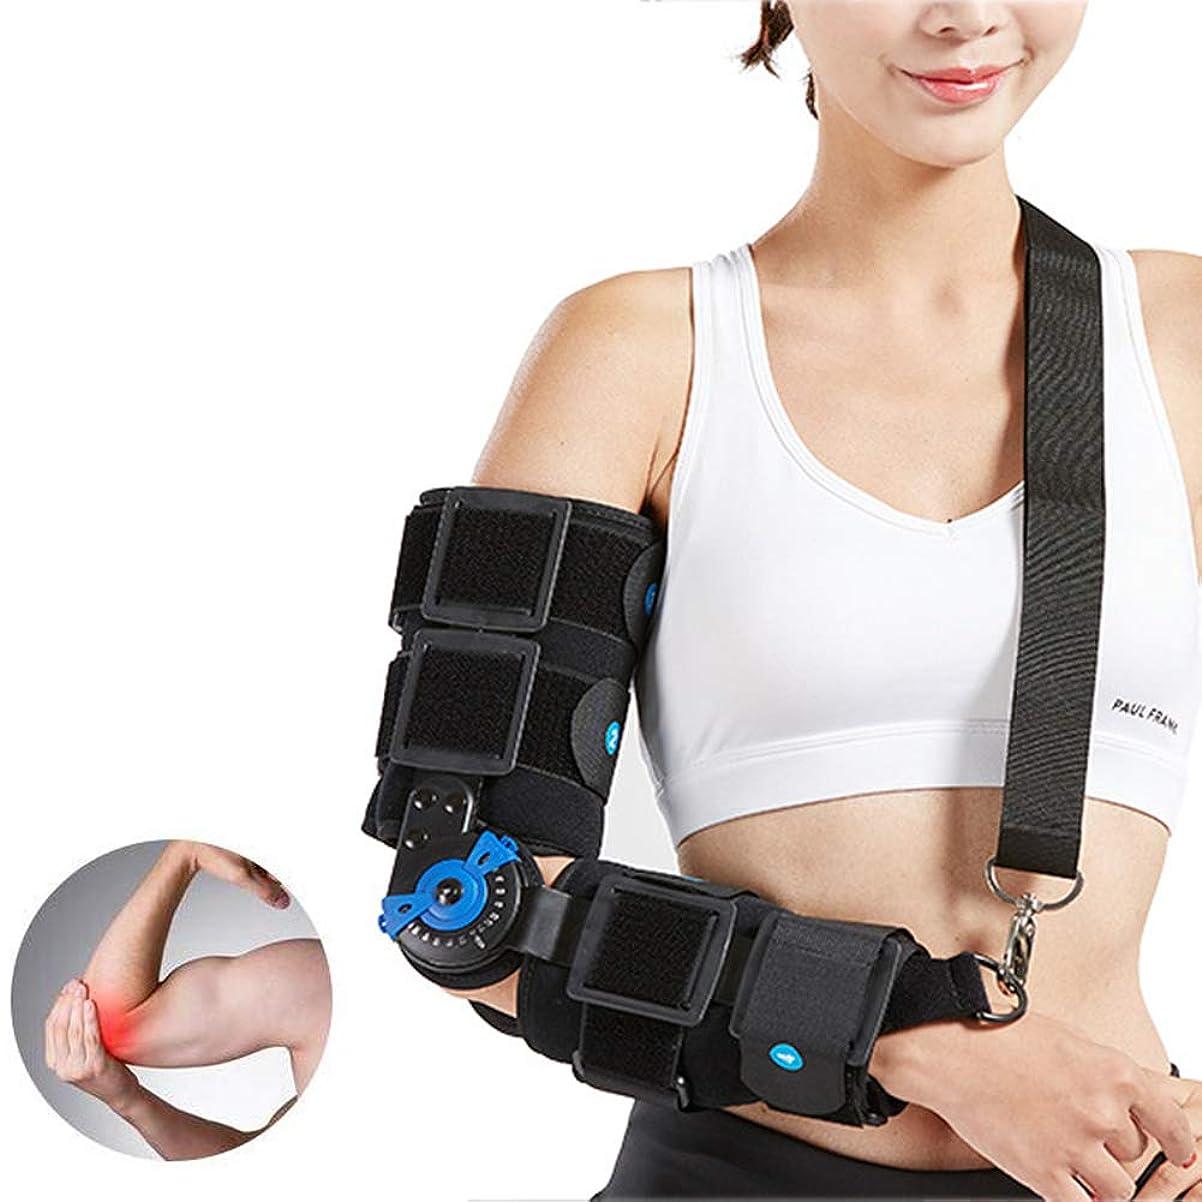 スペード本能ドナー調節可能なアームスリングは手術前後の骨折用アームリフト、傷害回復、ワンサイズ - ユニセックス